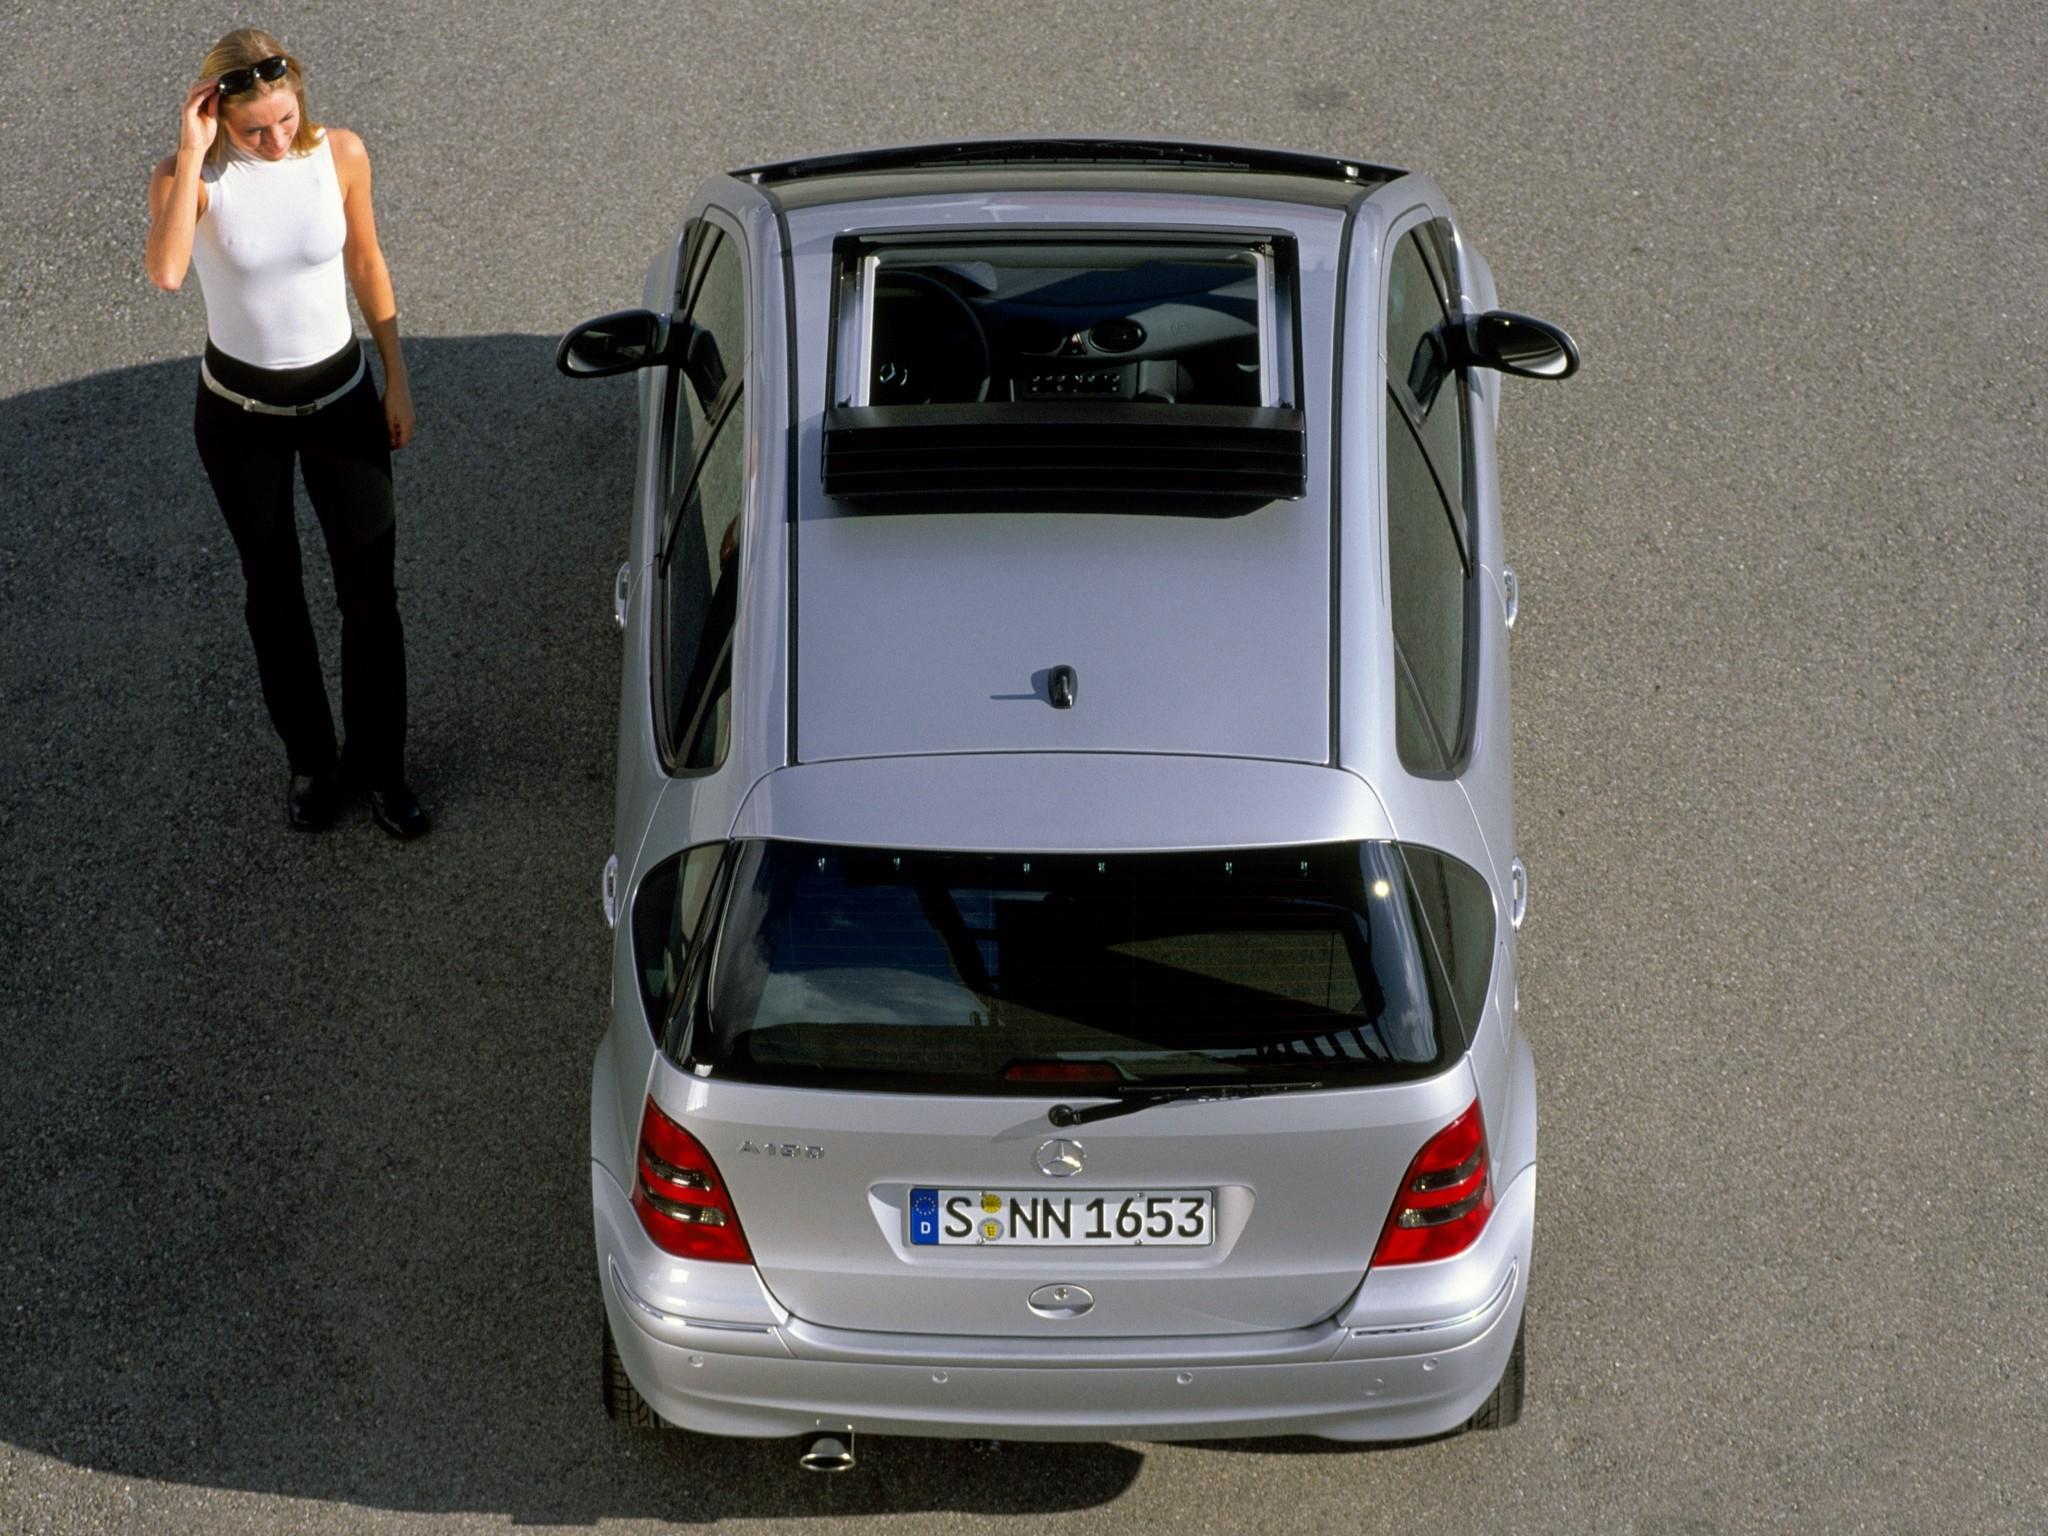 Mercedes Diesel Engines >> MERCEDES BENZ A-Klasse Lang (W168) specs & photos - 2001, 2002, 2003, 2004 - autoevolution